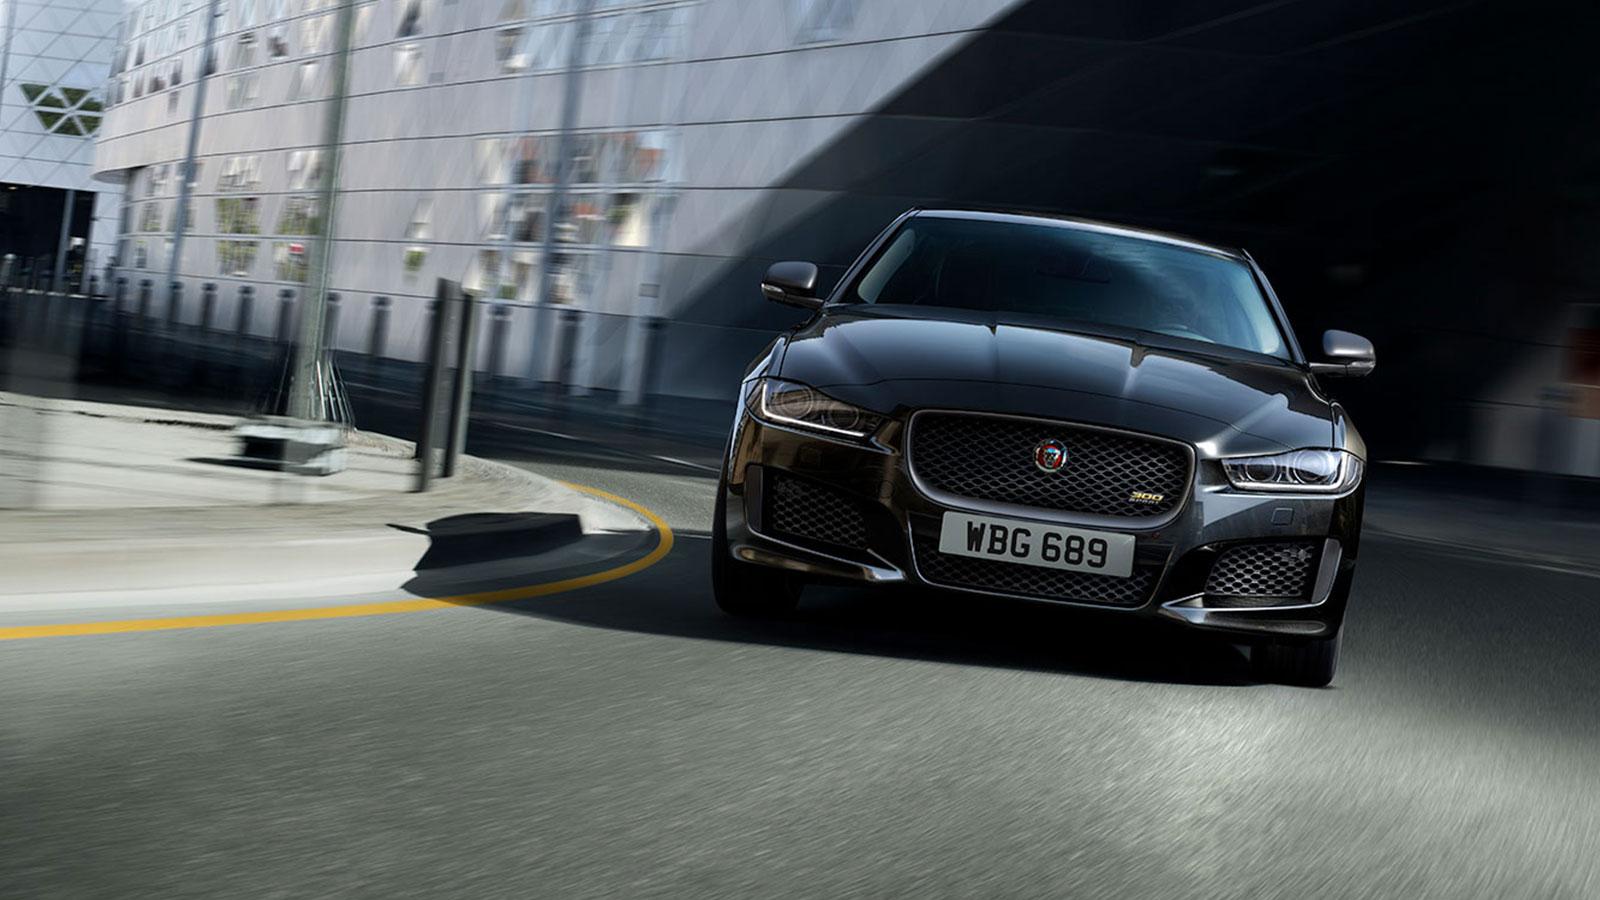 Jaguar XE 2.0d R-Dynamic HSE image 17